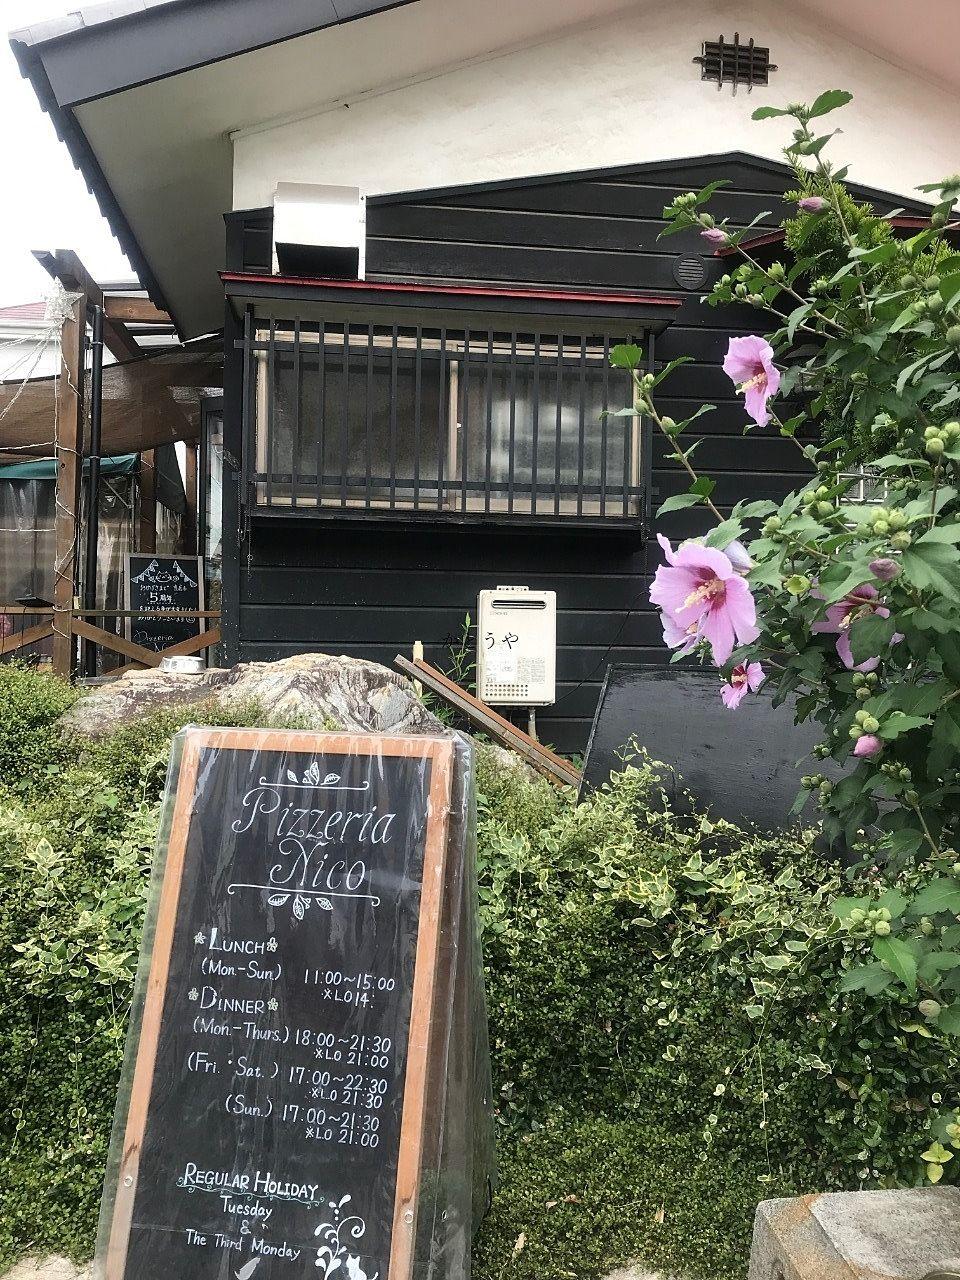 Pizzeria Nicoさんの初石のお店です。6月末でこちらは閉店されます。